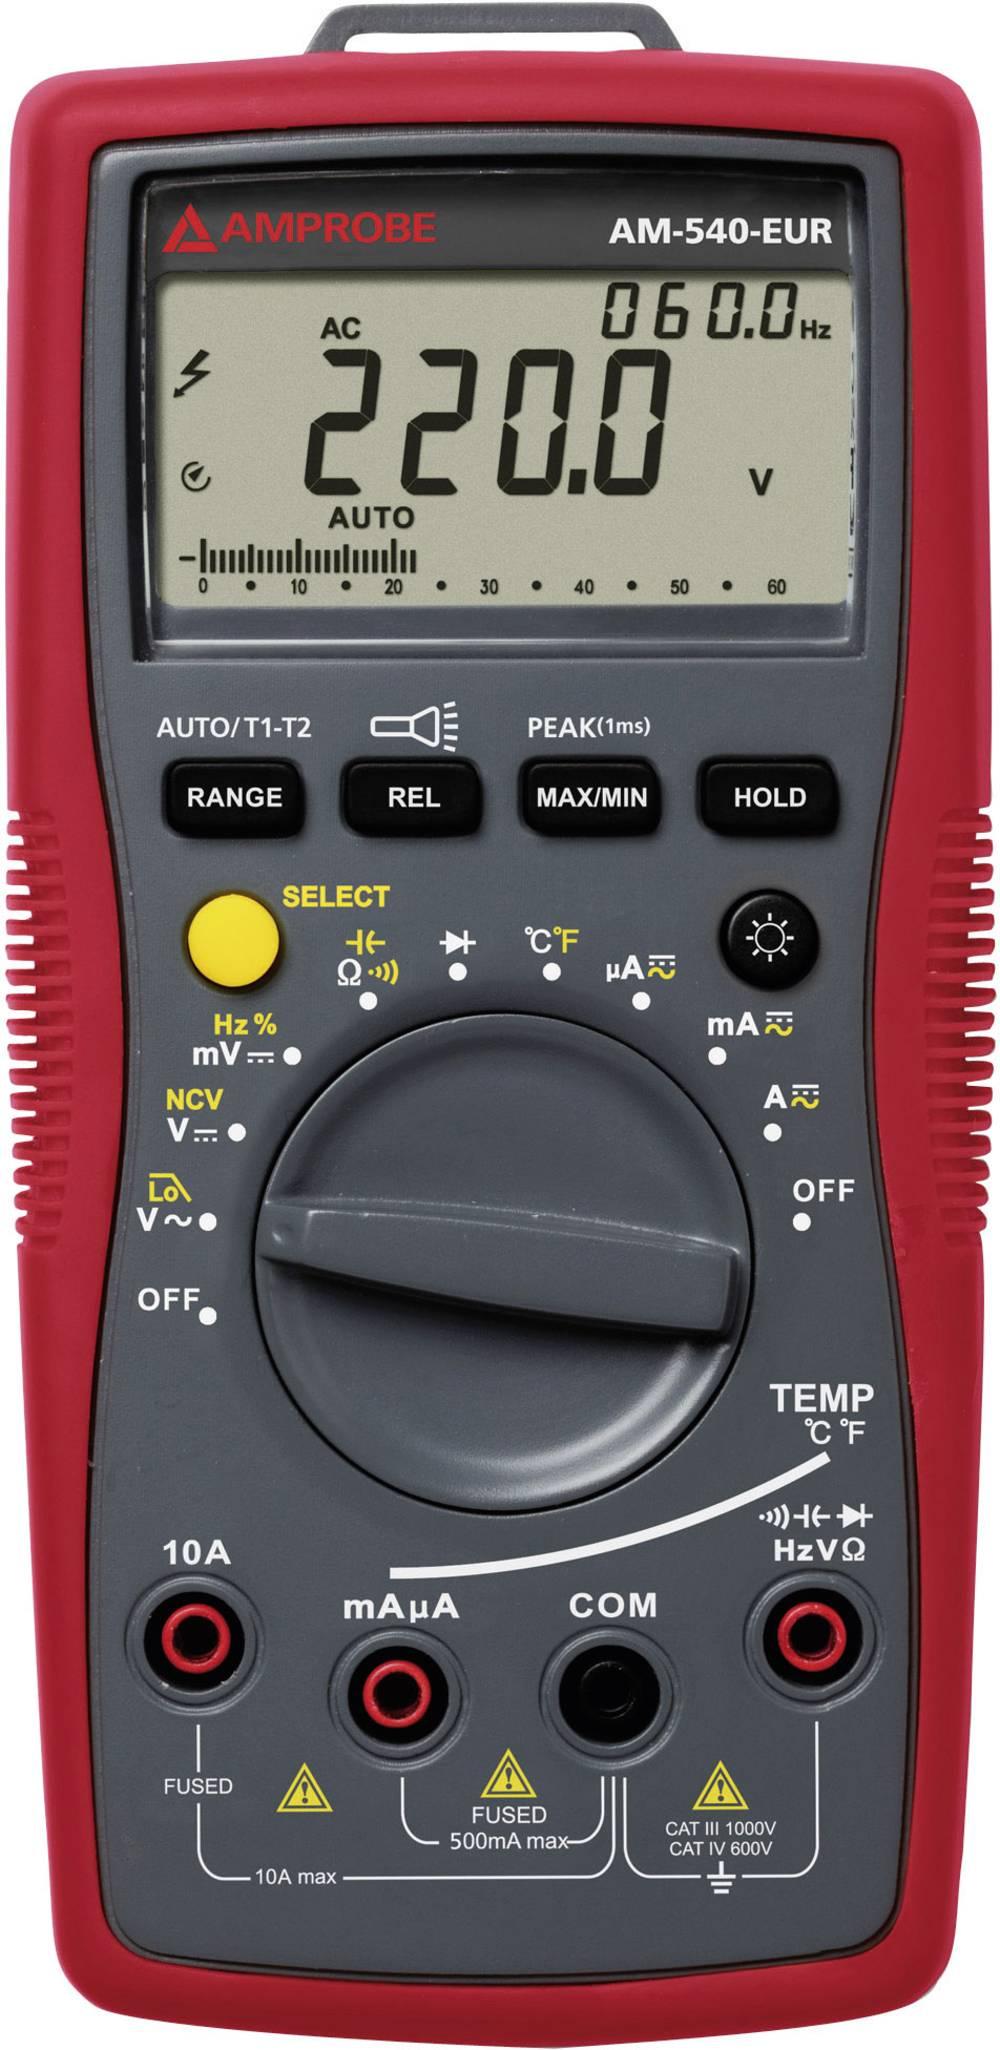 Ročni multimeter, digitalni Beha Amprobe AM-540-EUR kalibracija narejena po: delovnih standardih, CAT III 1000 V, CAT IV 600 V š